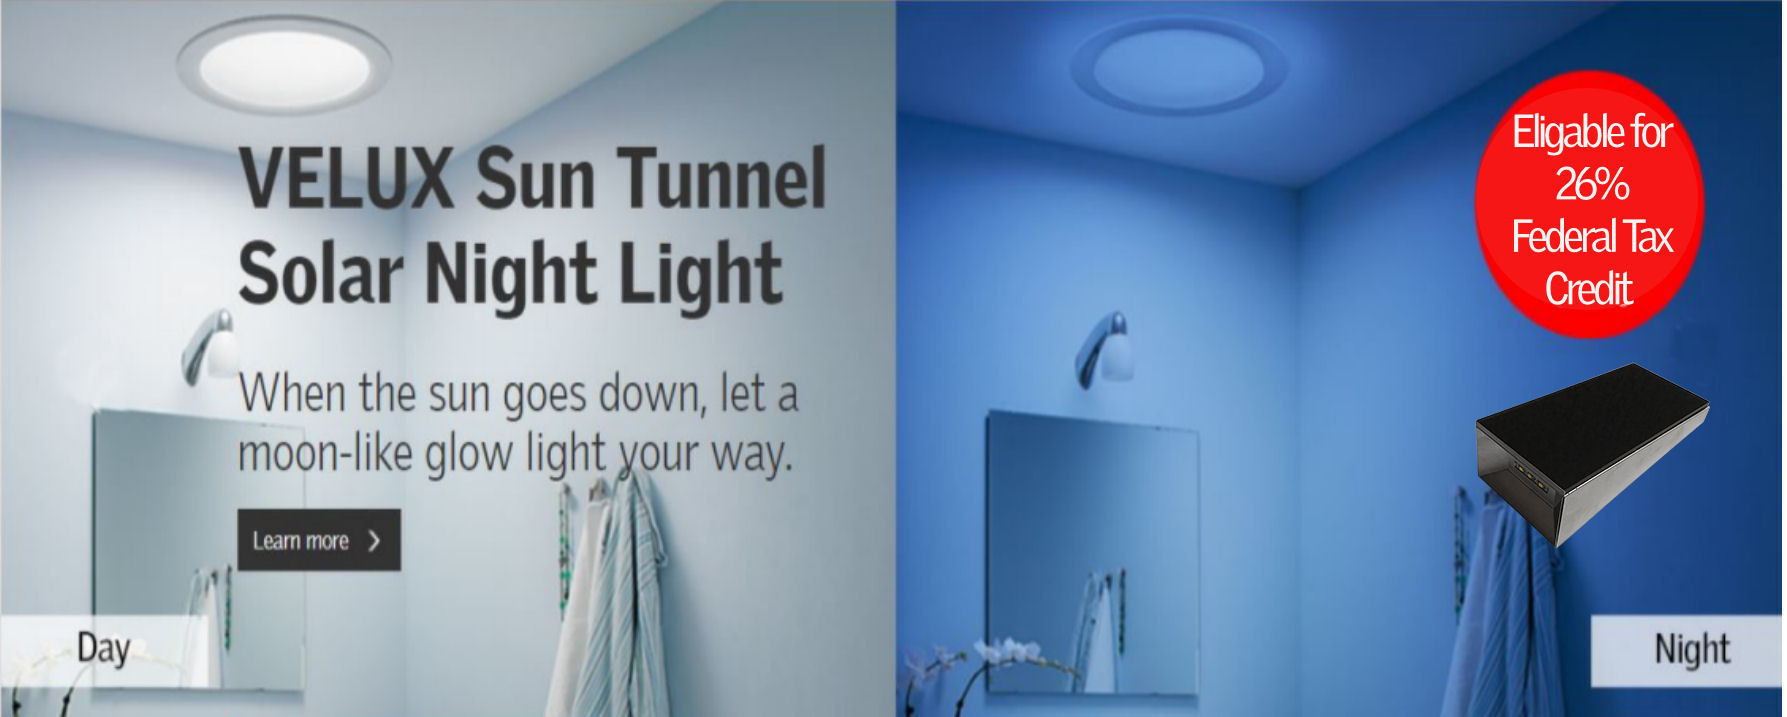 solar-night-light-26%